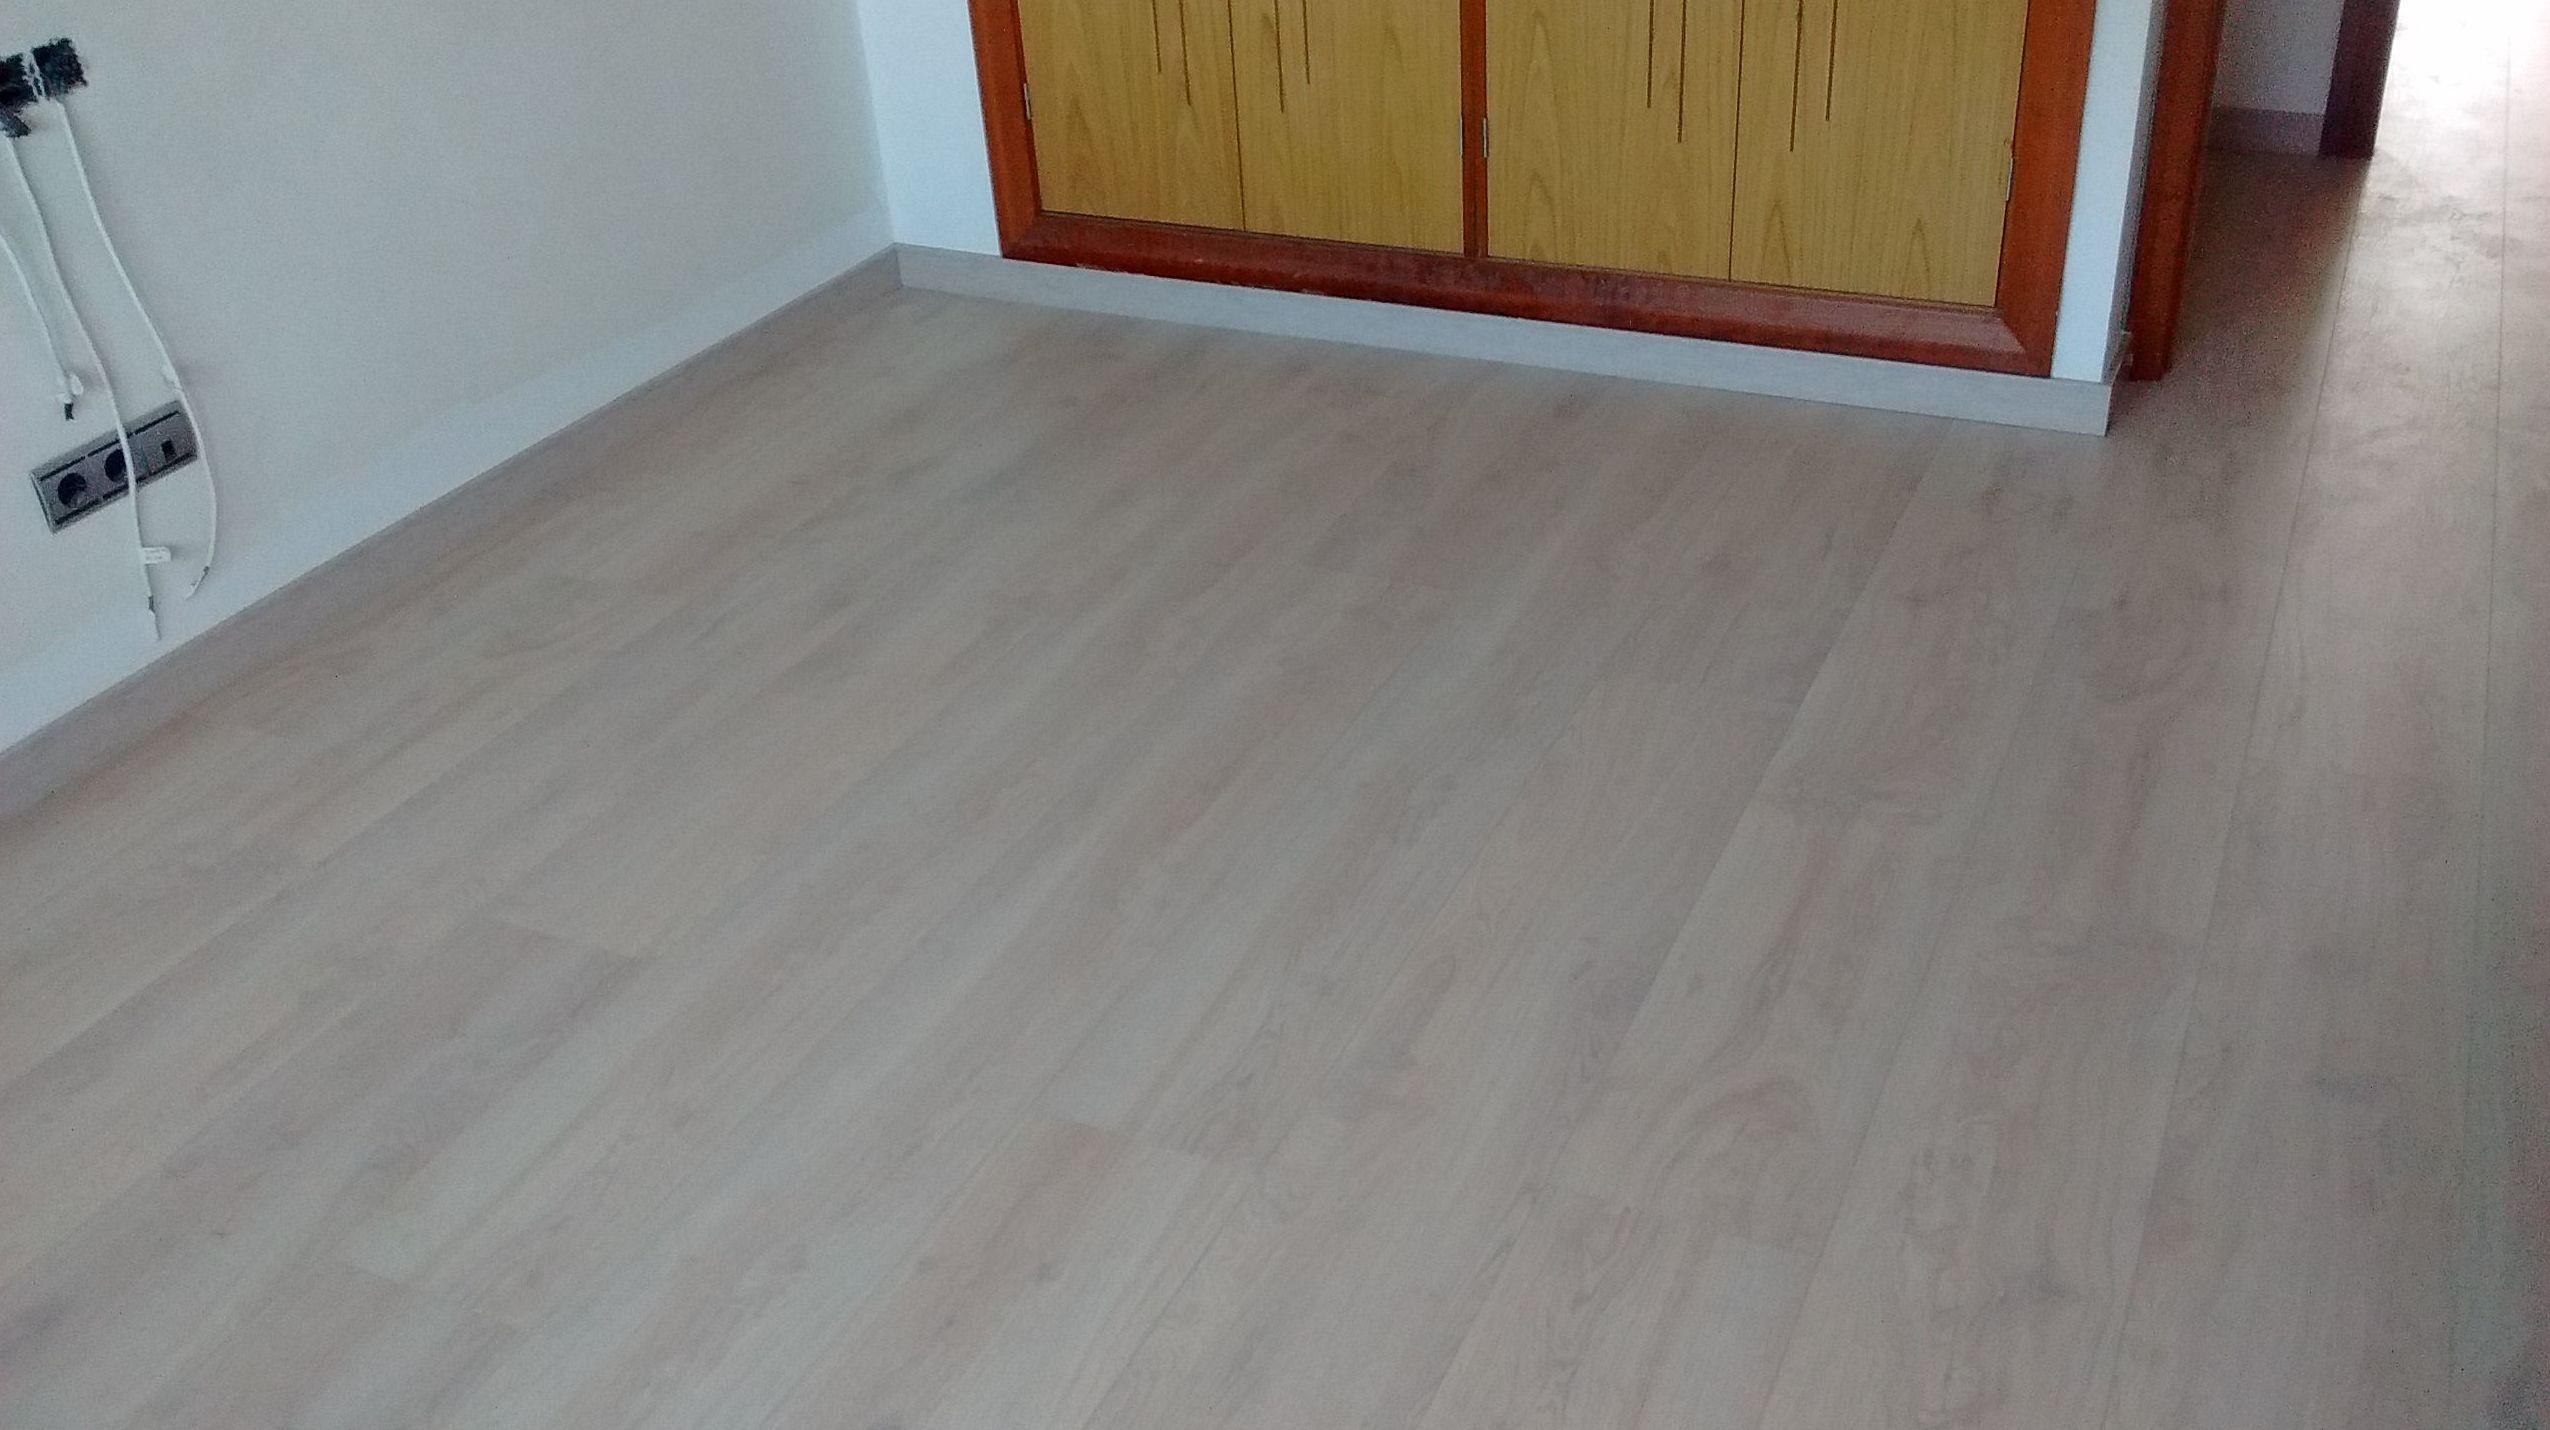 Foto 26 de tarimas y suelos laminados en estepona instalador de pavimentos tarimas y suelos - Suelos laminados malaga ...